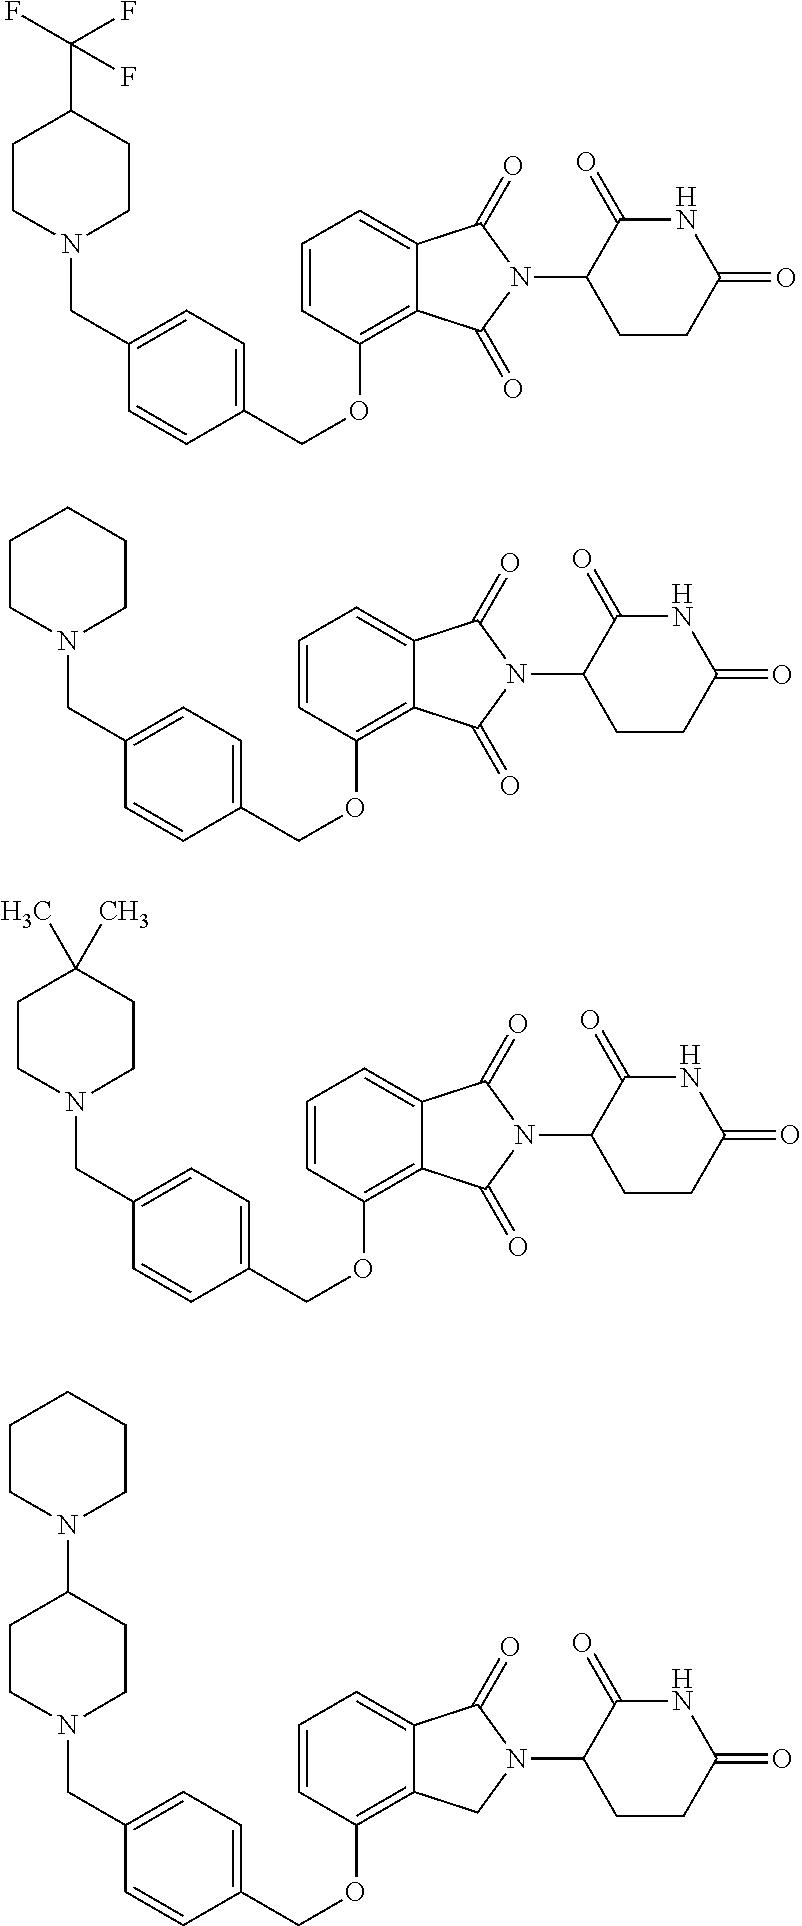 Figure US20110196150A1-20110811-C00052